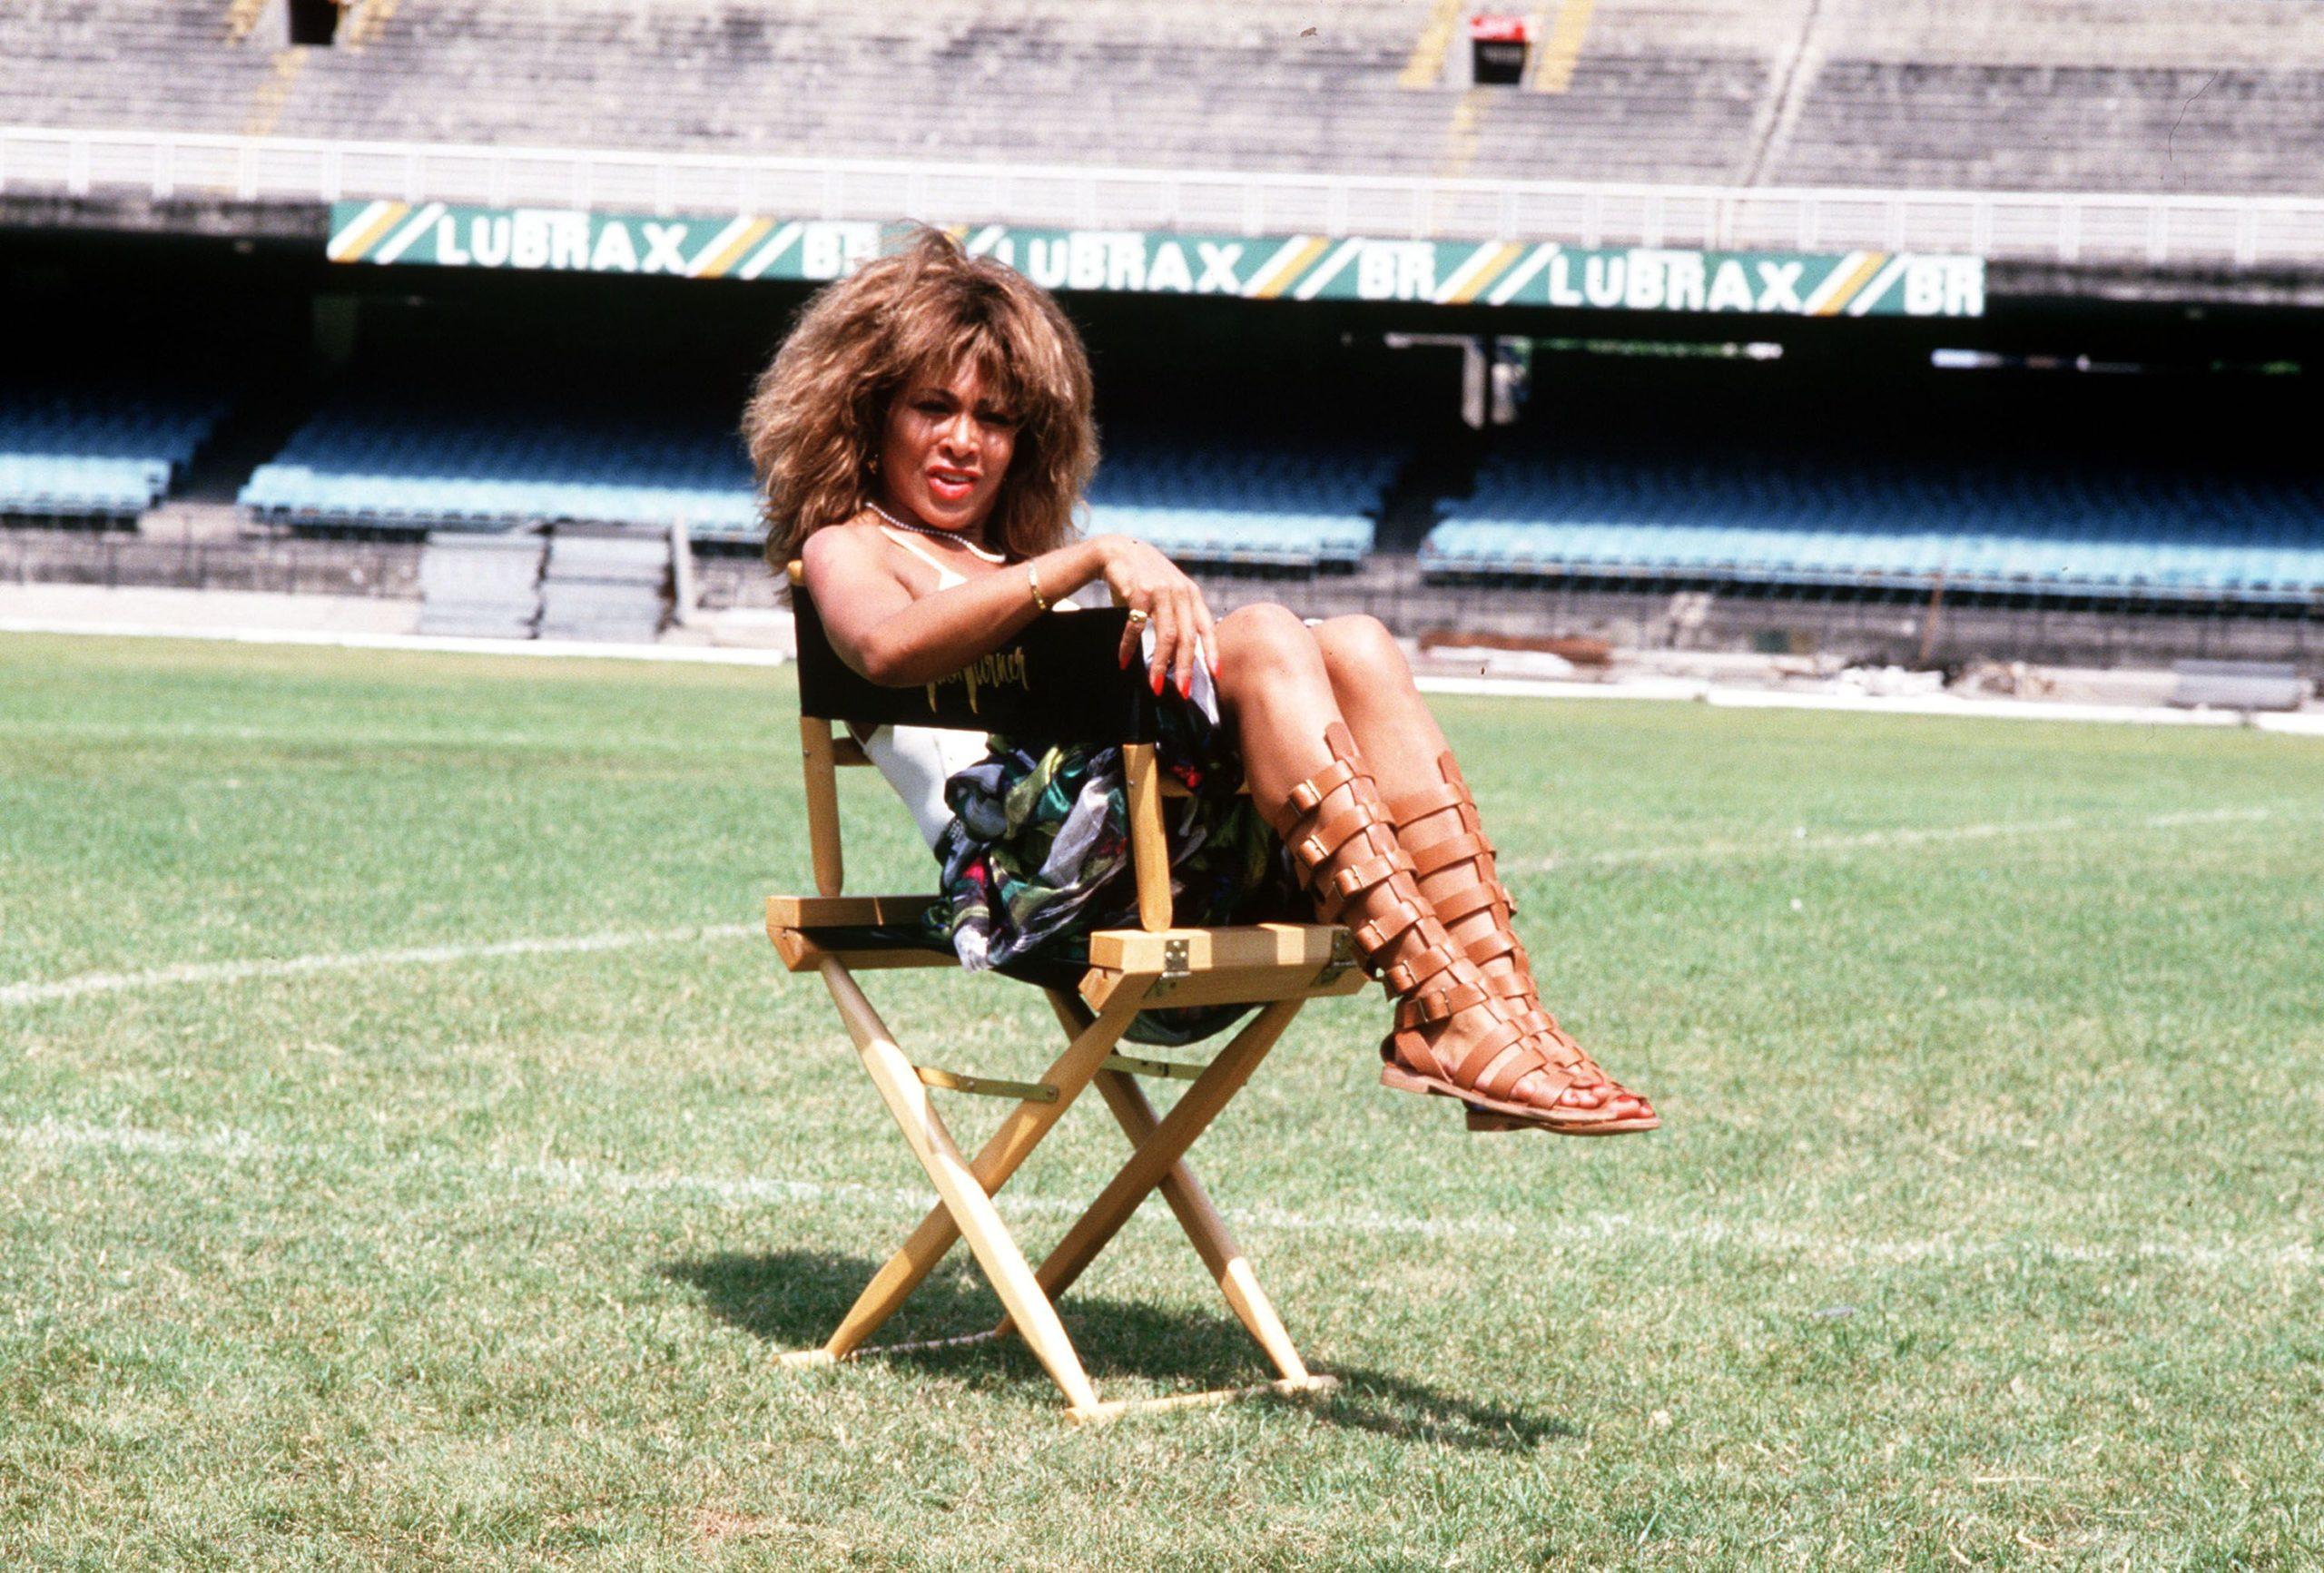 Fotografia retangular da cantora Tina Turner. Ao fundo, vemos um estádio de futebol. No centro, sentada em uma cadeira, a artista se dispõe de lado, com pernas dobradas e boca levemente aberta. Ela é uma mulher negra, com sandálias gladiadoras, esmalte e batom vermelhos, um anel e outros adereços.